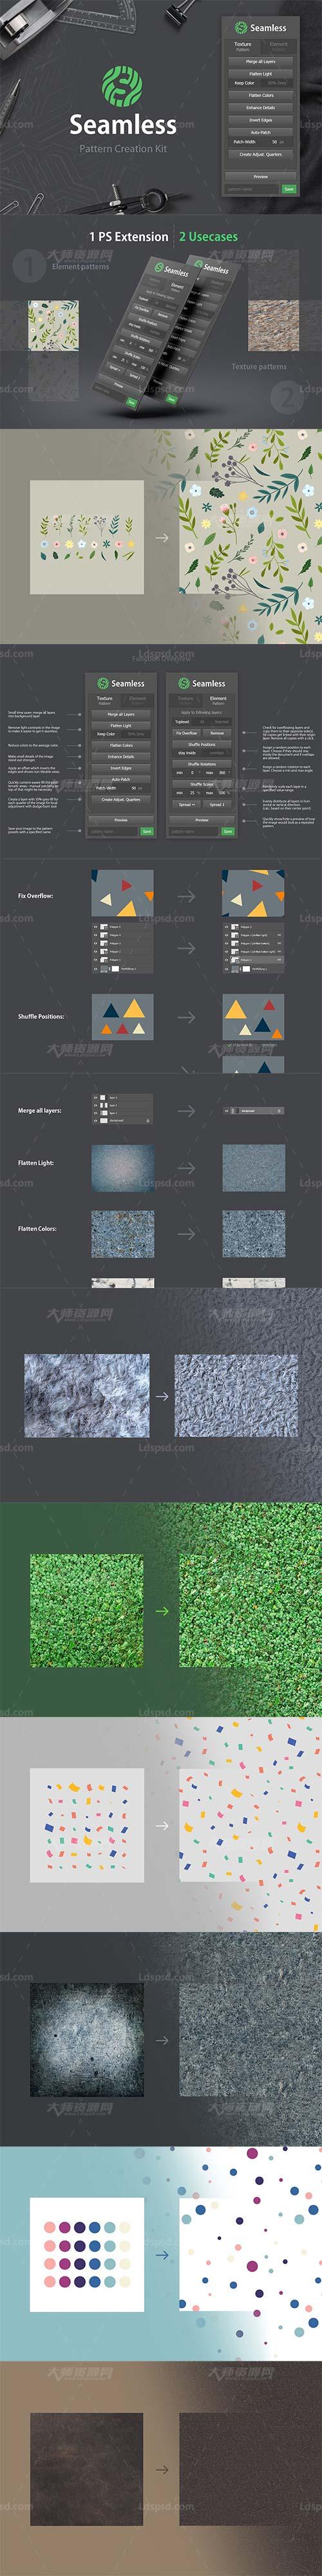 极品PS拓展面板-无缝纹理创作(含图文操作说明):Seamless - Pattern Creation Kit